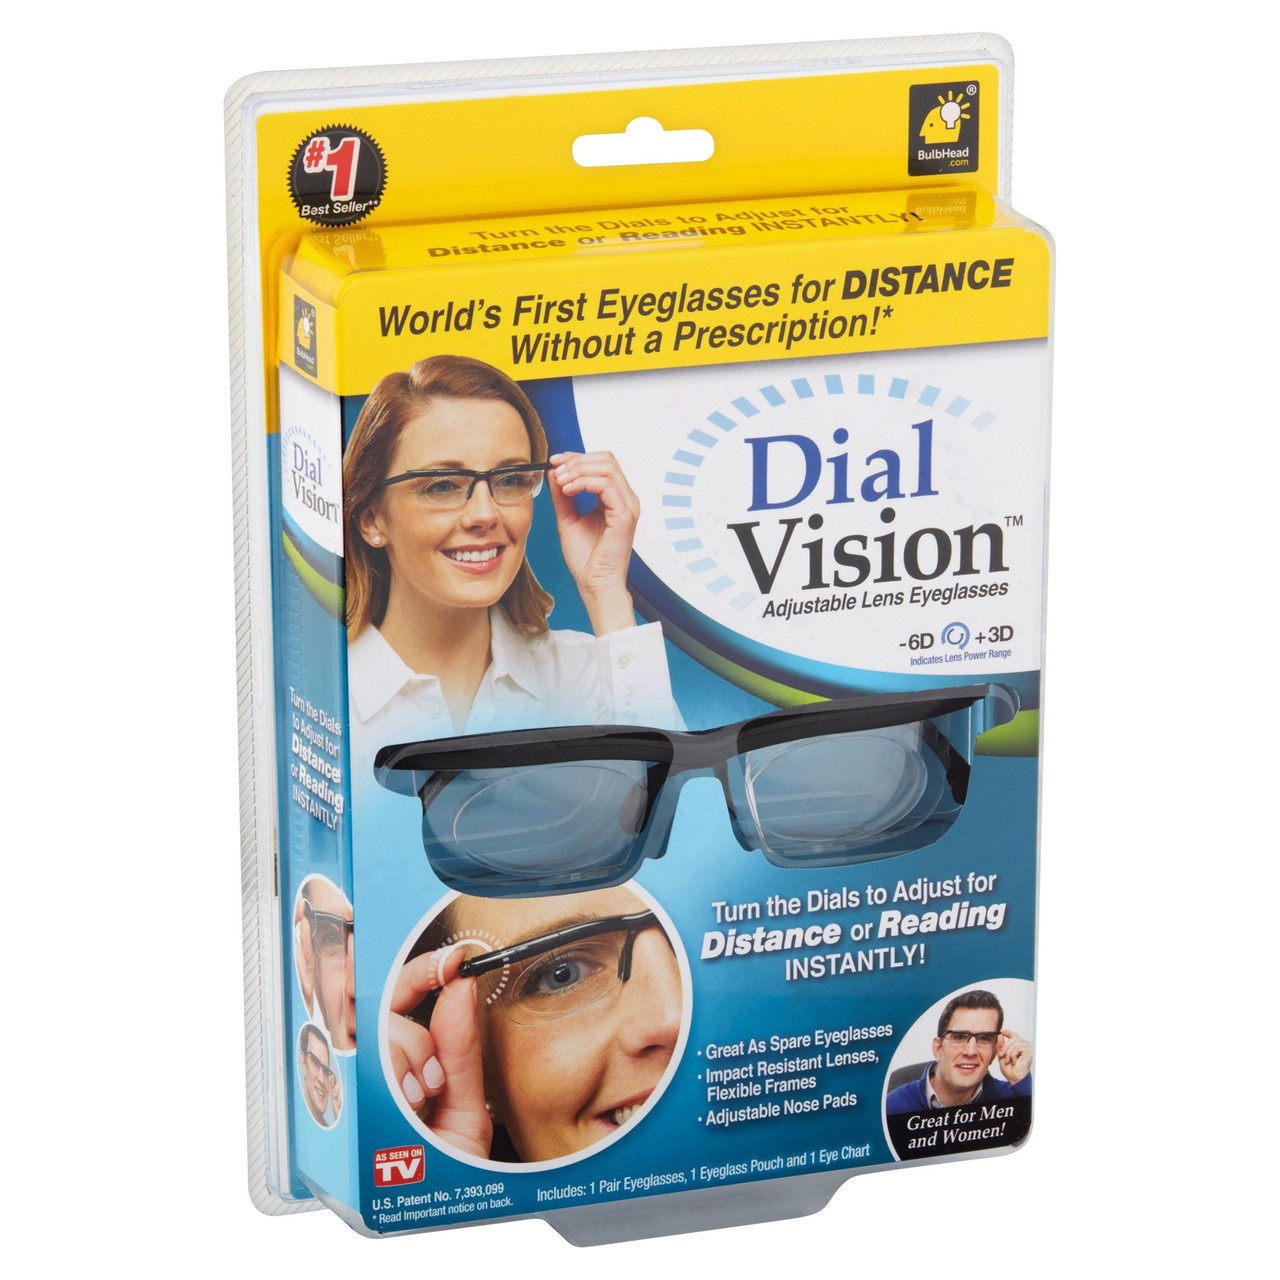 Универсальные очки для зрения Dial Vision с регулировкой линз от -6 до +3 (Живые фото)